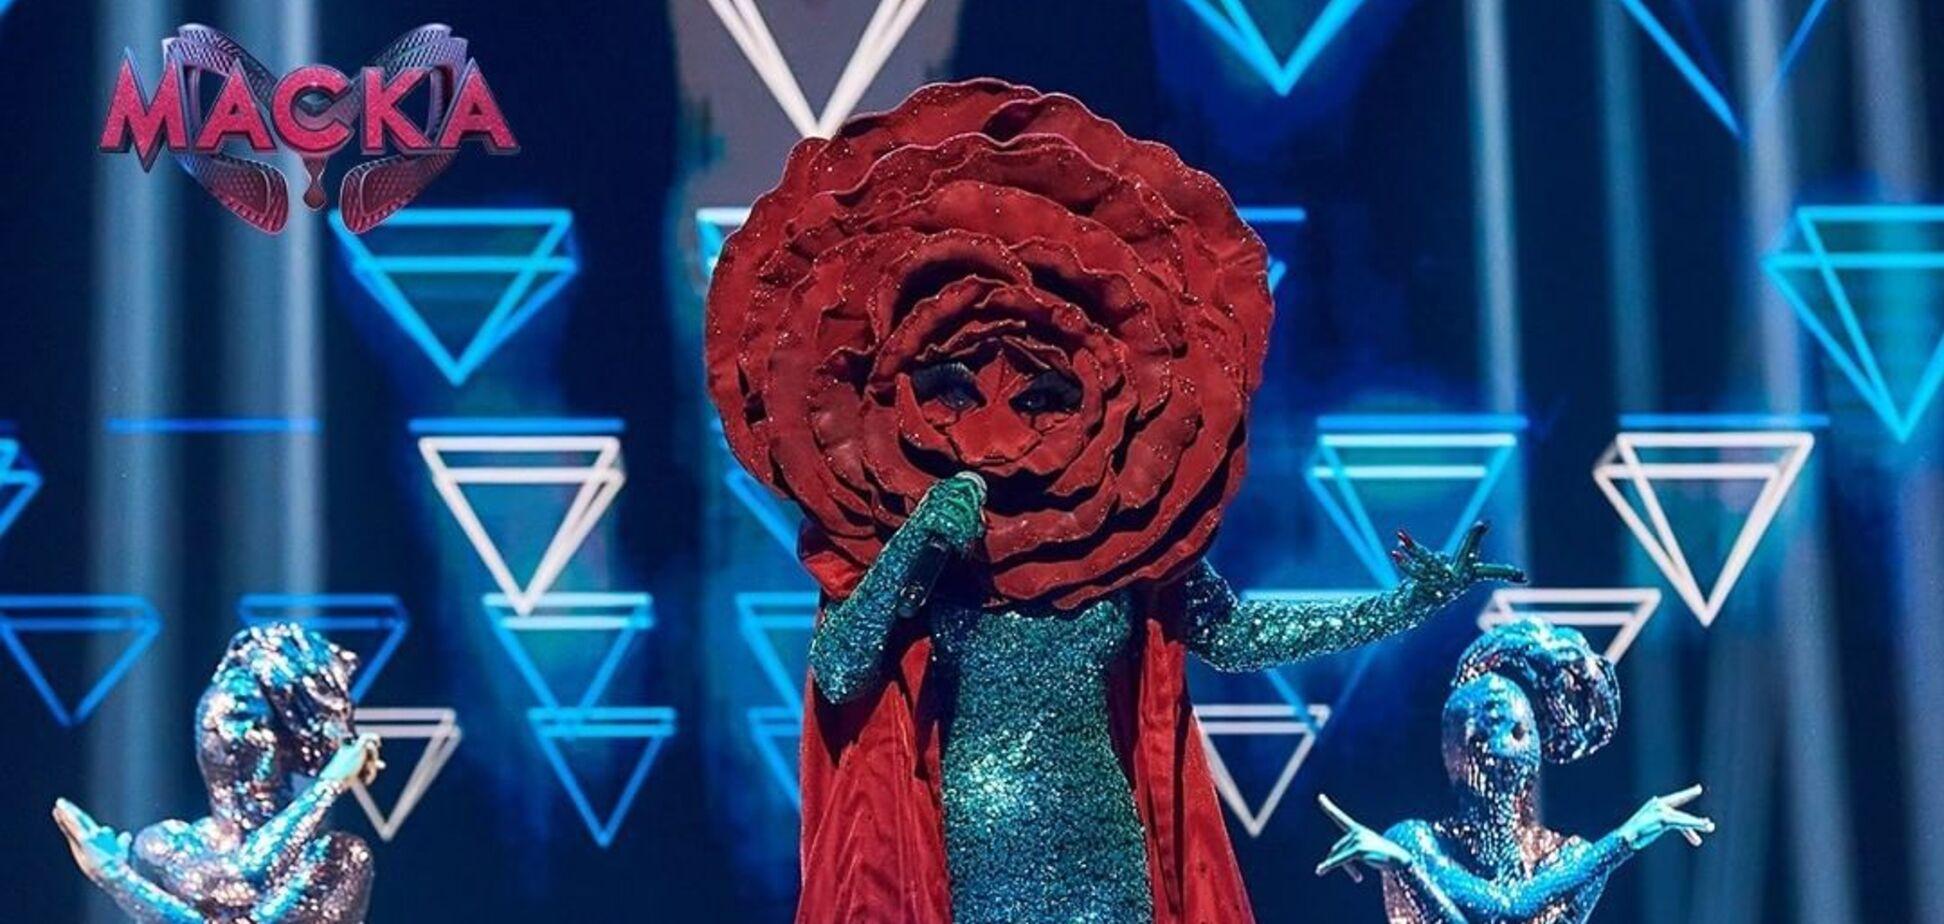 Стало відомо, хто ховався за образом Троянди в шоу 'Маска'